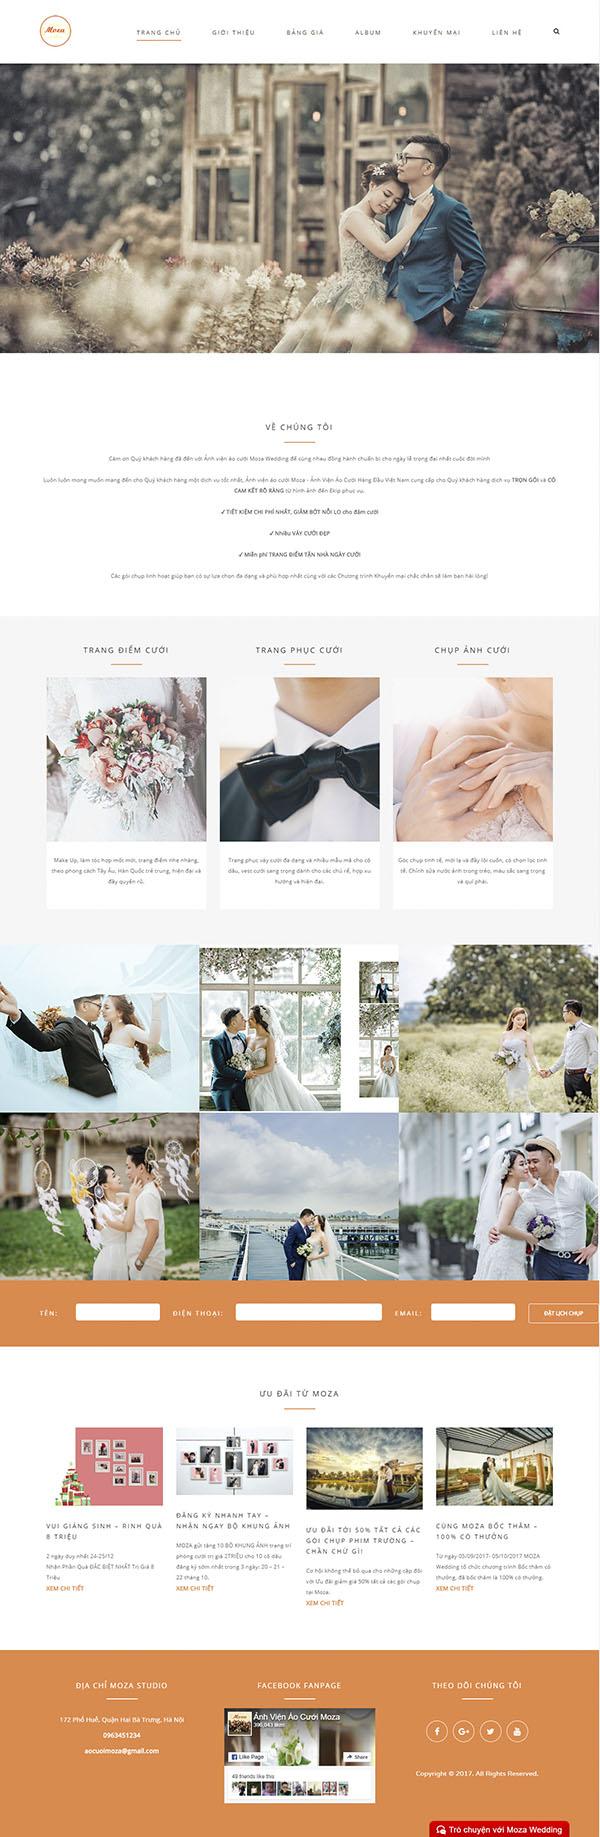 Thiết kế Mẫu website ảnh viện áo cưới AVAC03